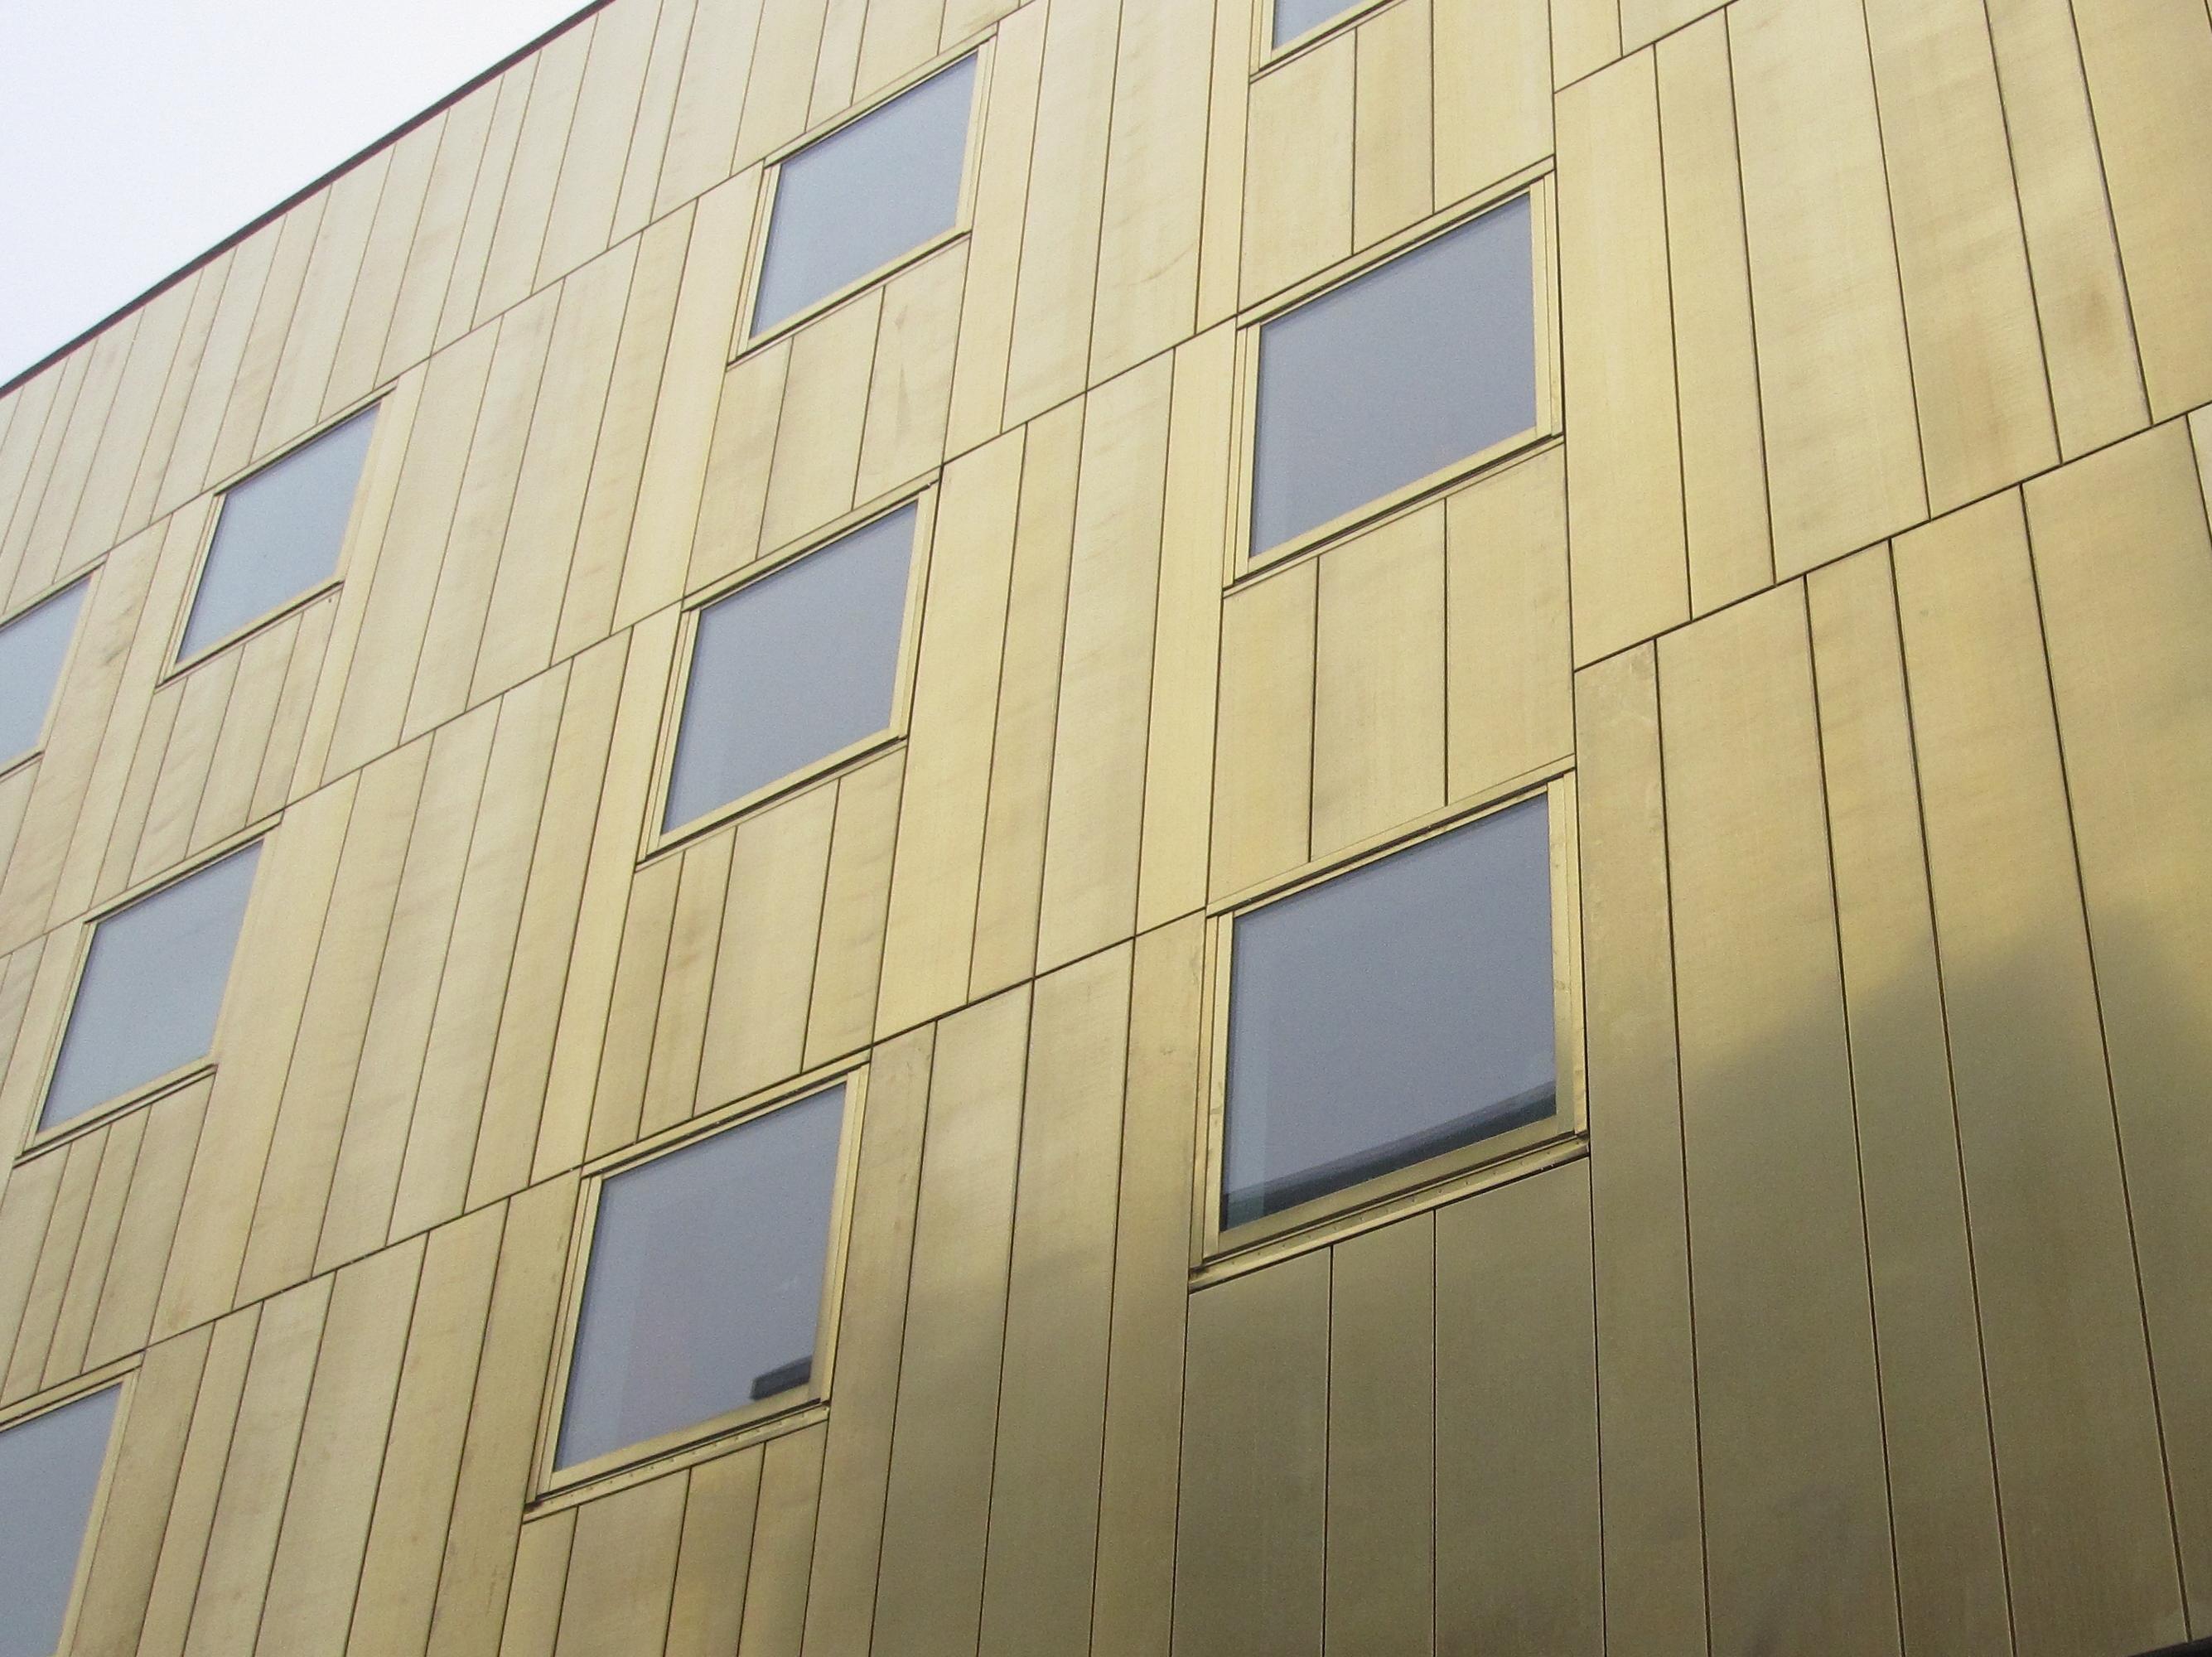 Bild 5:9. Ett genomtänkt kassettsystem ger en spännande fasad. Foto: Torbjörn Osterling.